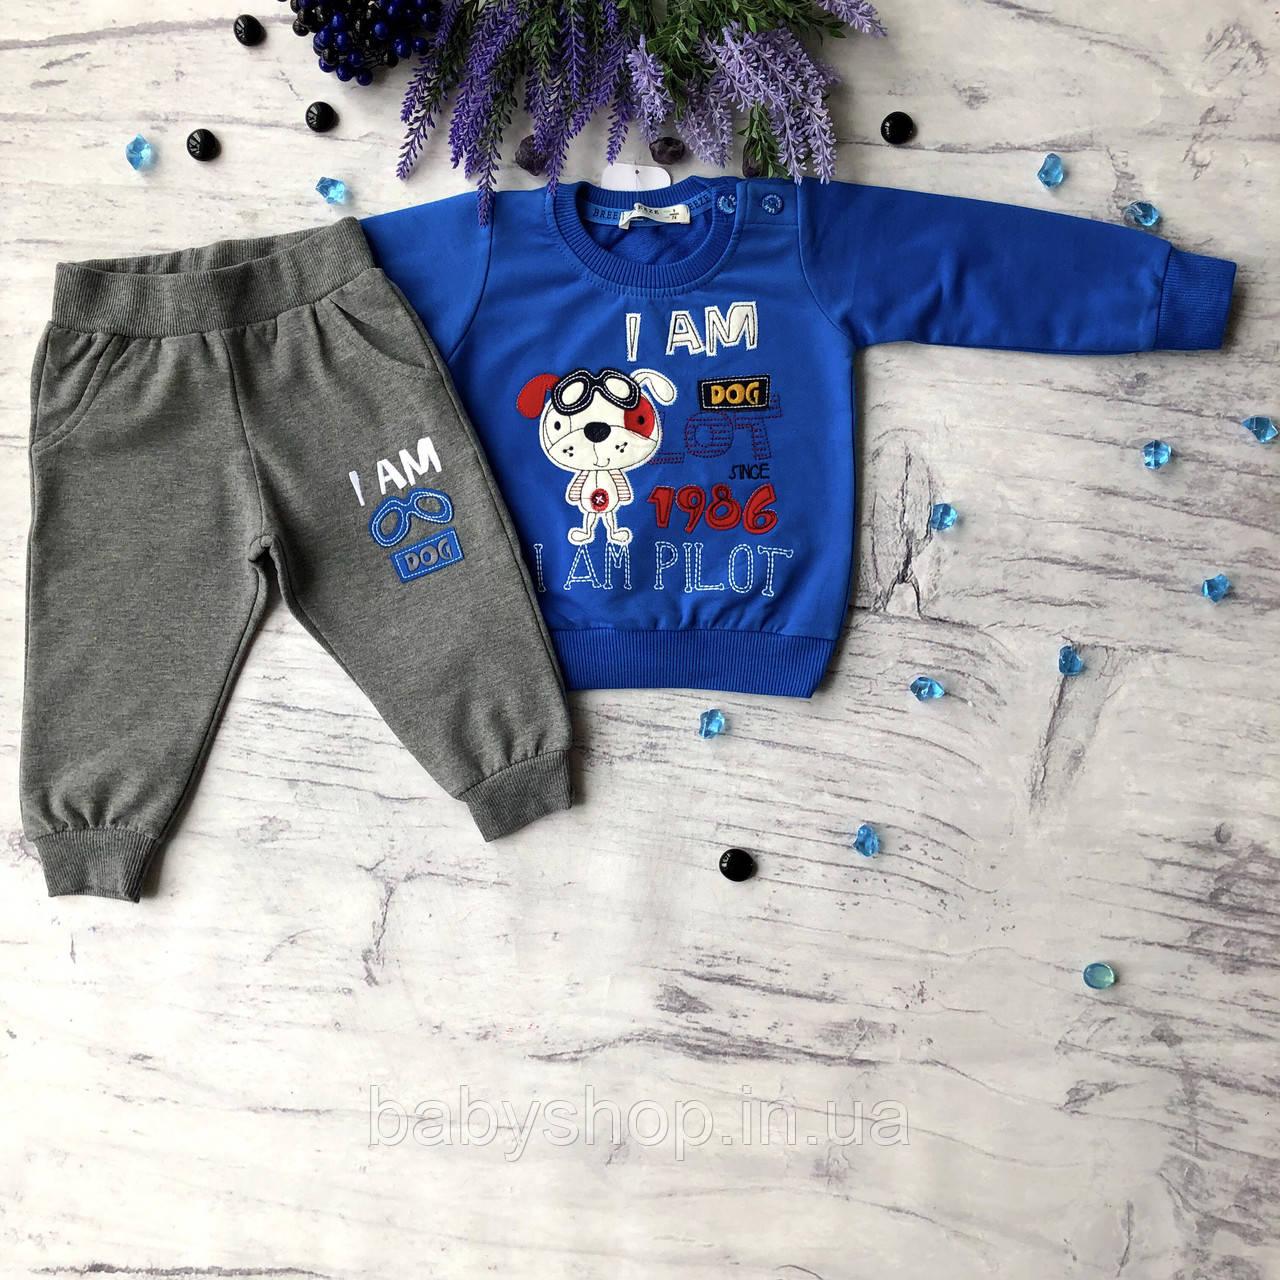 Синий костюм на мальчика Breeze 212. Размер 74 см (9мес), 80 см, 86 см, 92 см (2 года), 98 см (3 года)